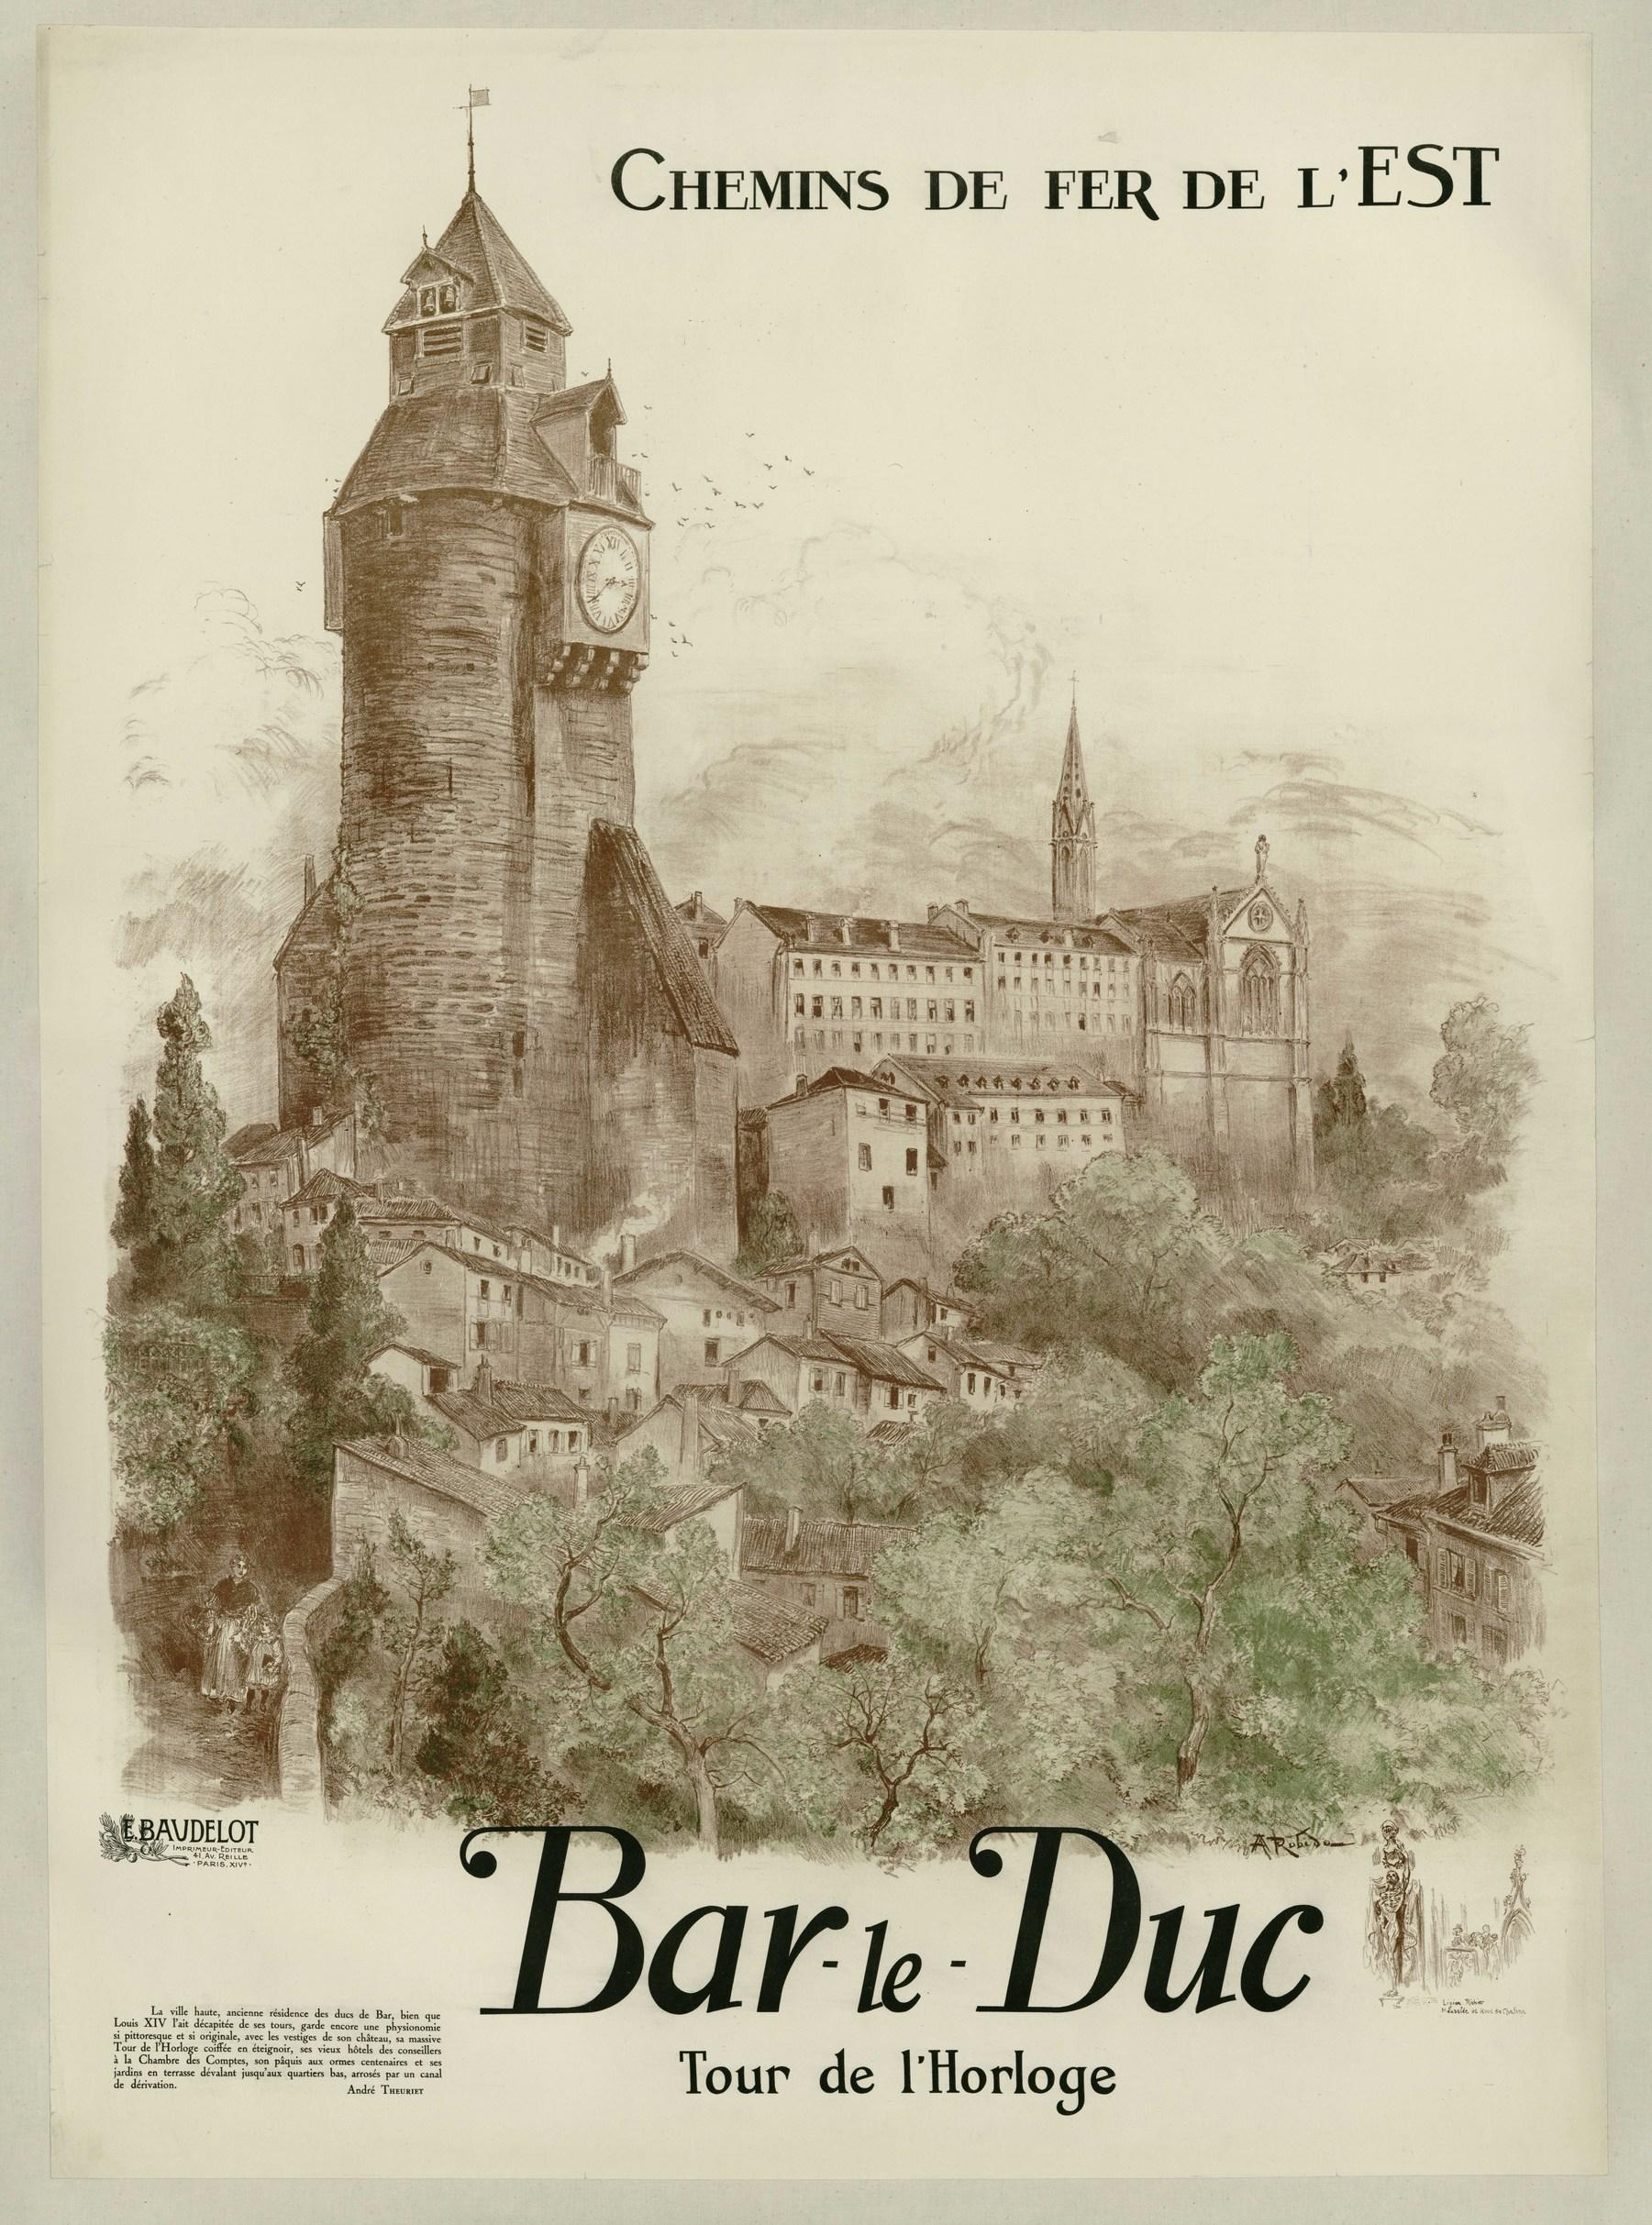 Contenu du Chemins de Fer de l'Est : Bar-le-Duc Tour de l'Horloge